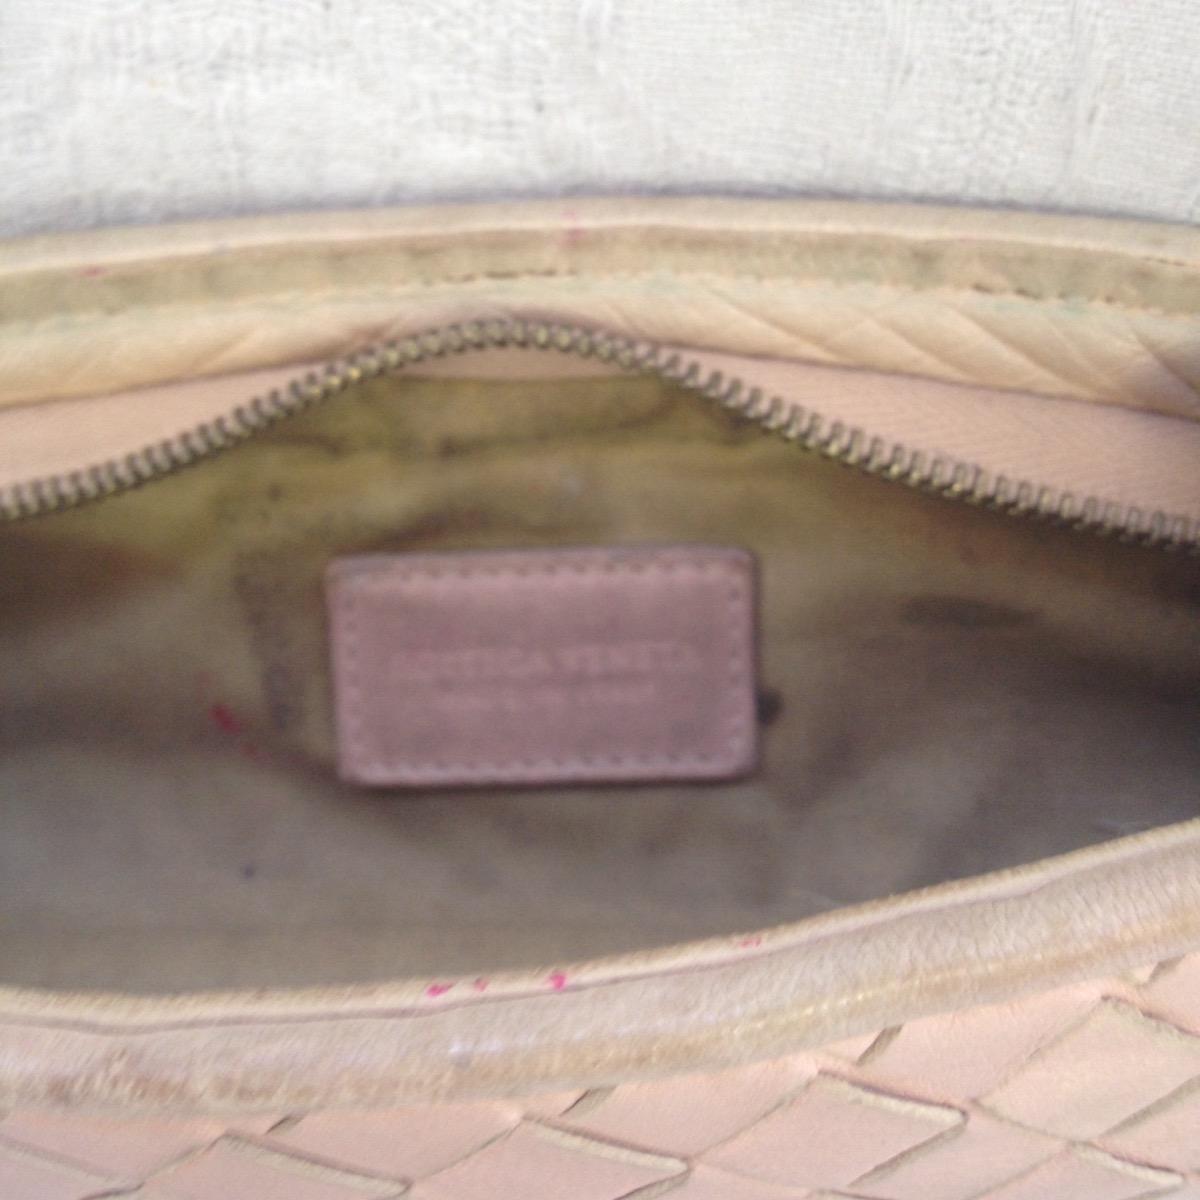 池袋 ペンケース ソファー、鞄、バッグ、修理、張替、黒ずみ汚れ、クリーニング、色移り、すれ傷  ベージュ ボッテガヴェネタ 13